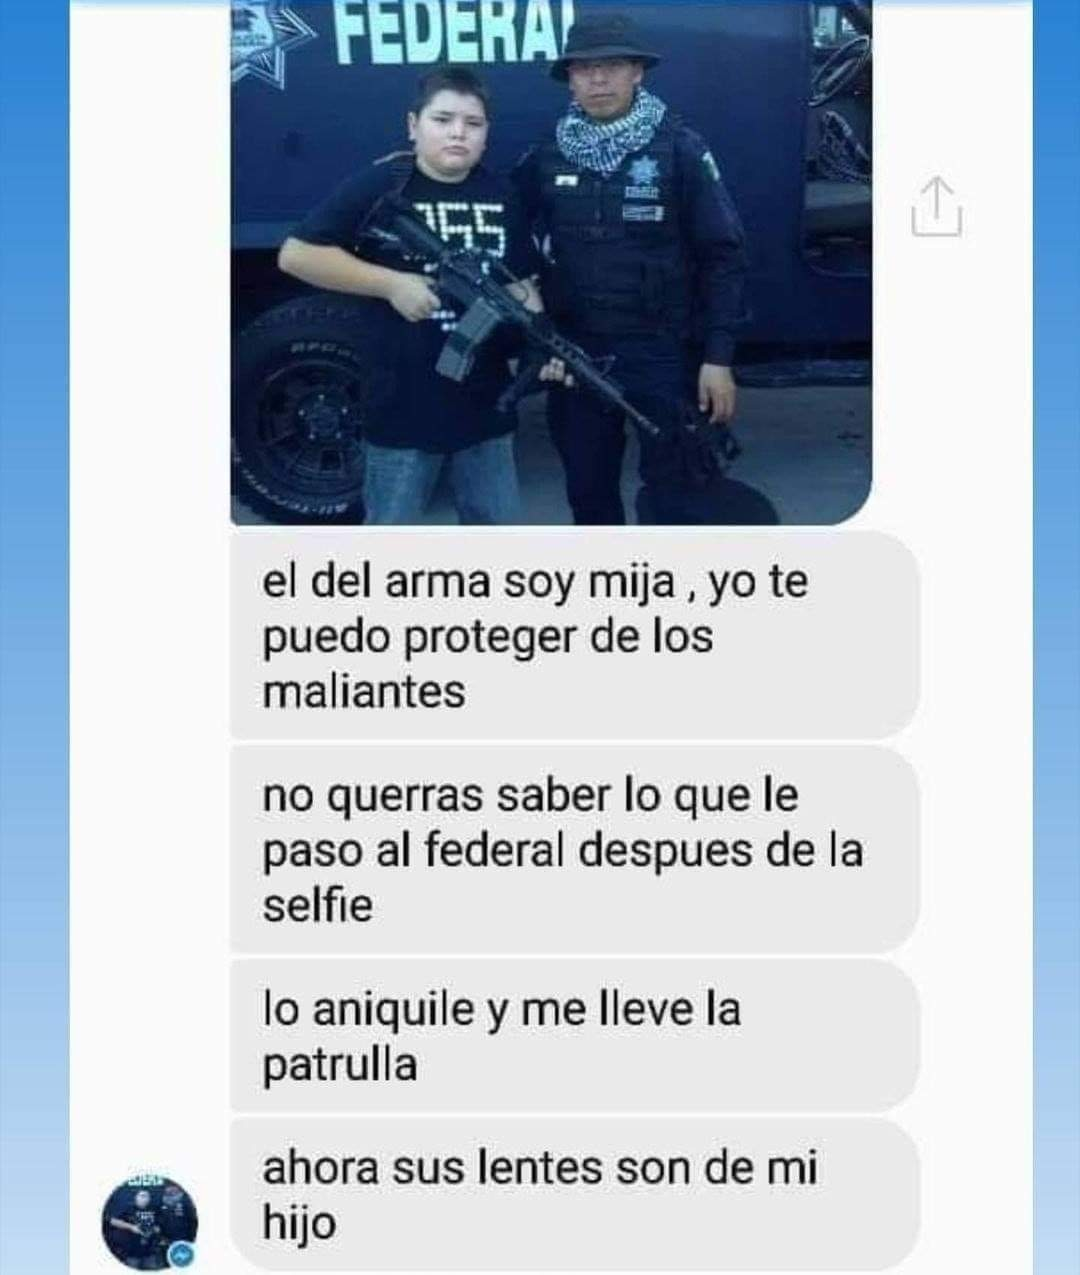 Mate a un policía pero ey! yo te protegeré - meme